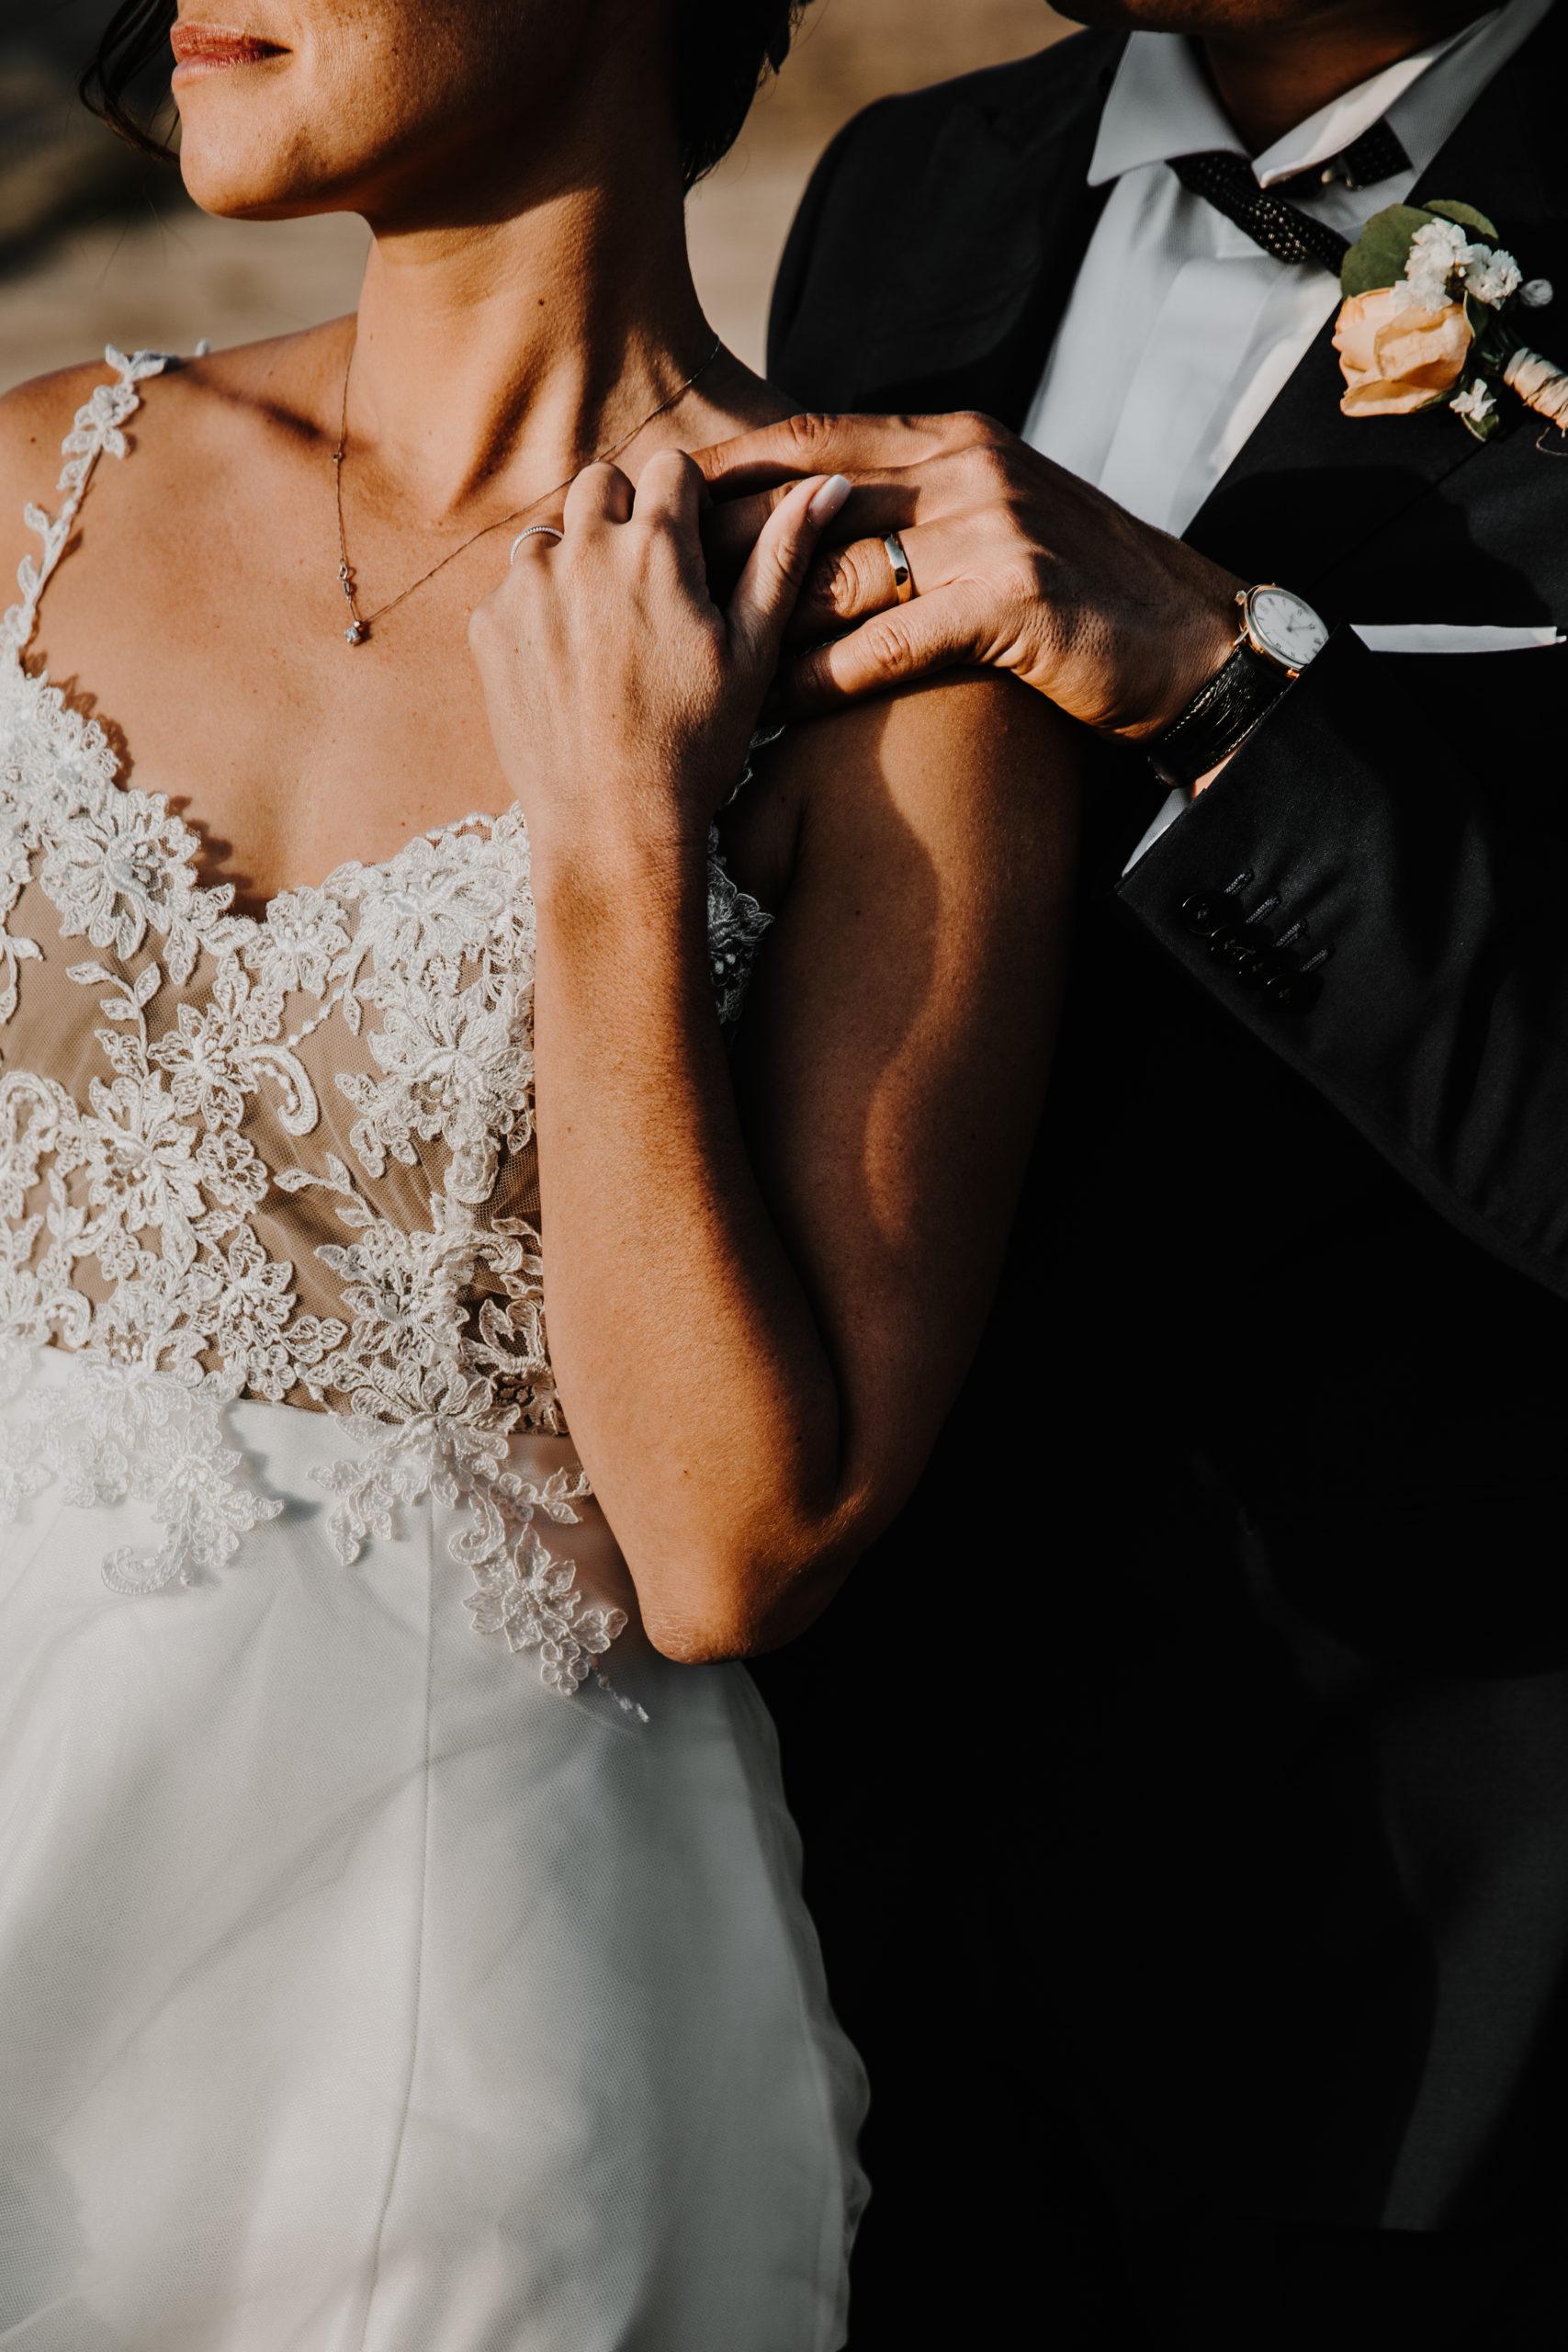 détail des mains des mariés entrelacés sur l'épaule de la mariée au coucher du soleil